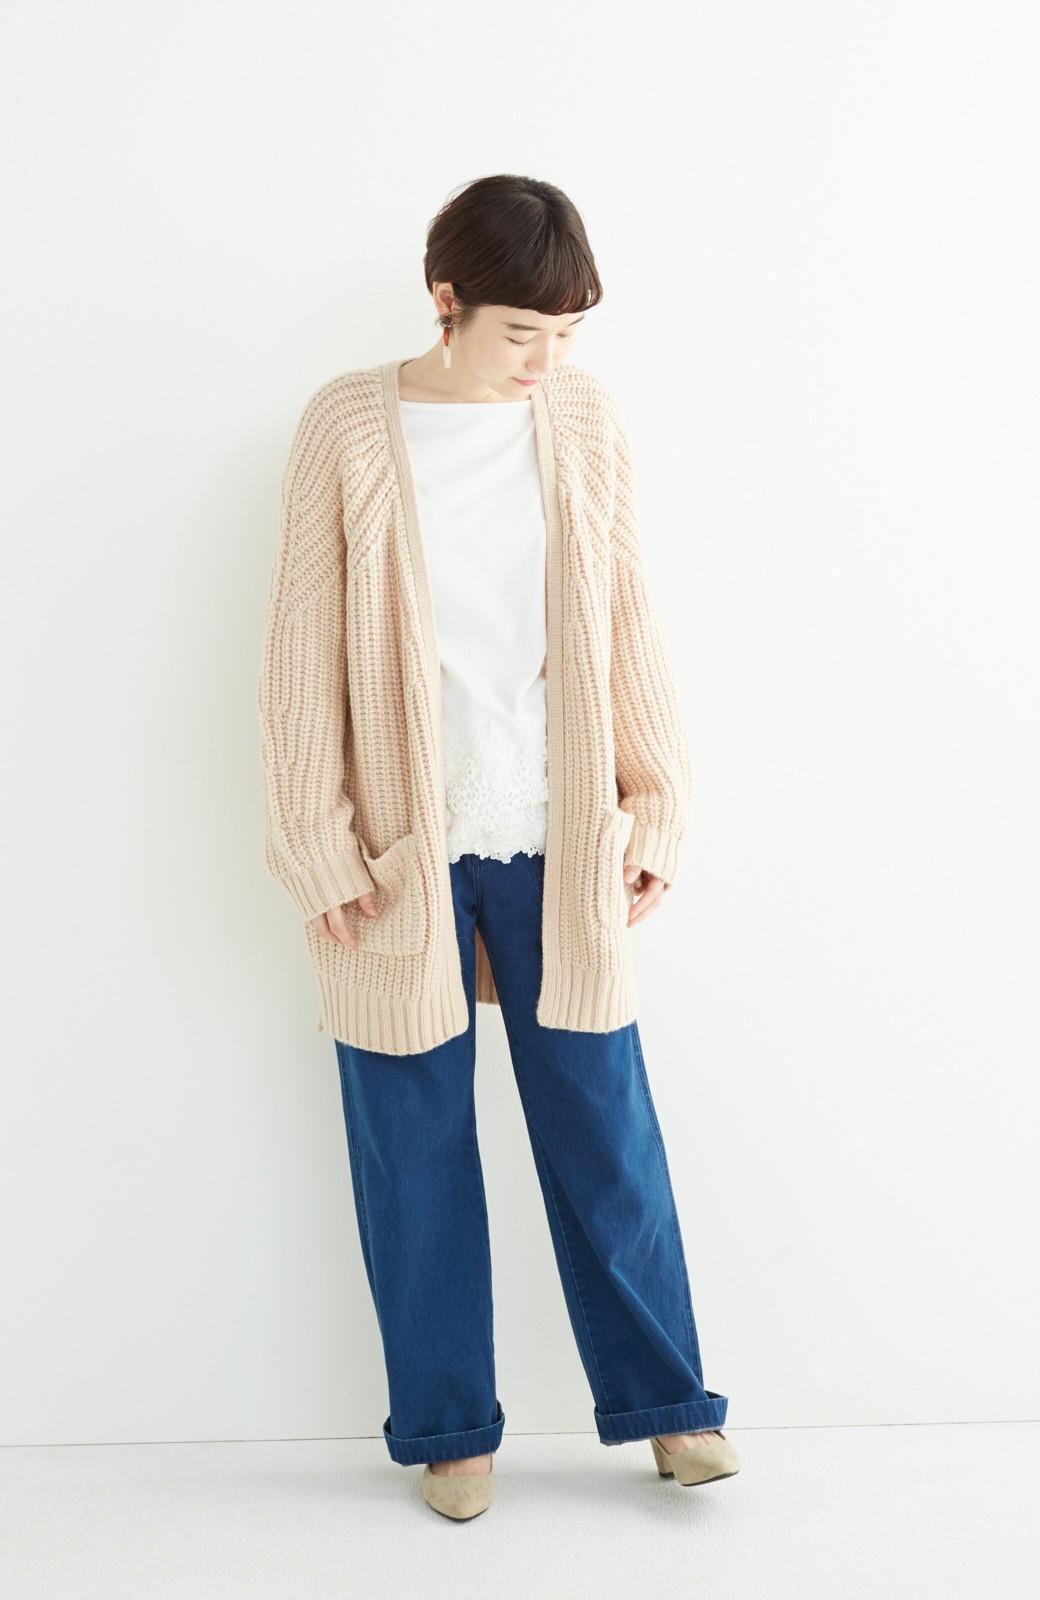 エムトロワ ぱっと羽織るのに便利なざっくり編みカーディガン <ライトベージュ>の商品写真4